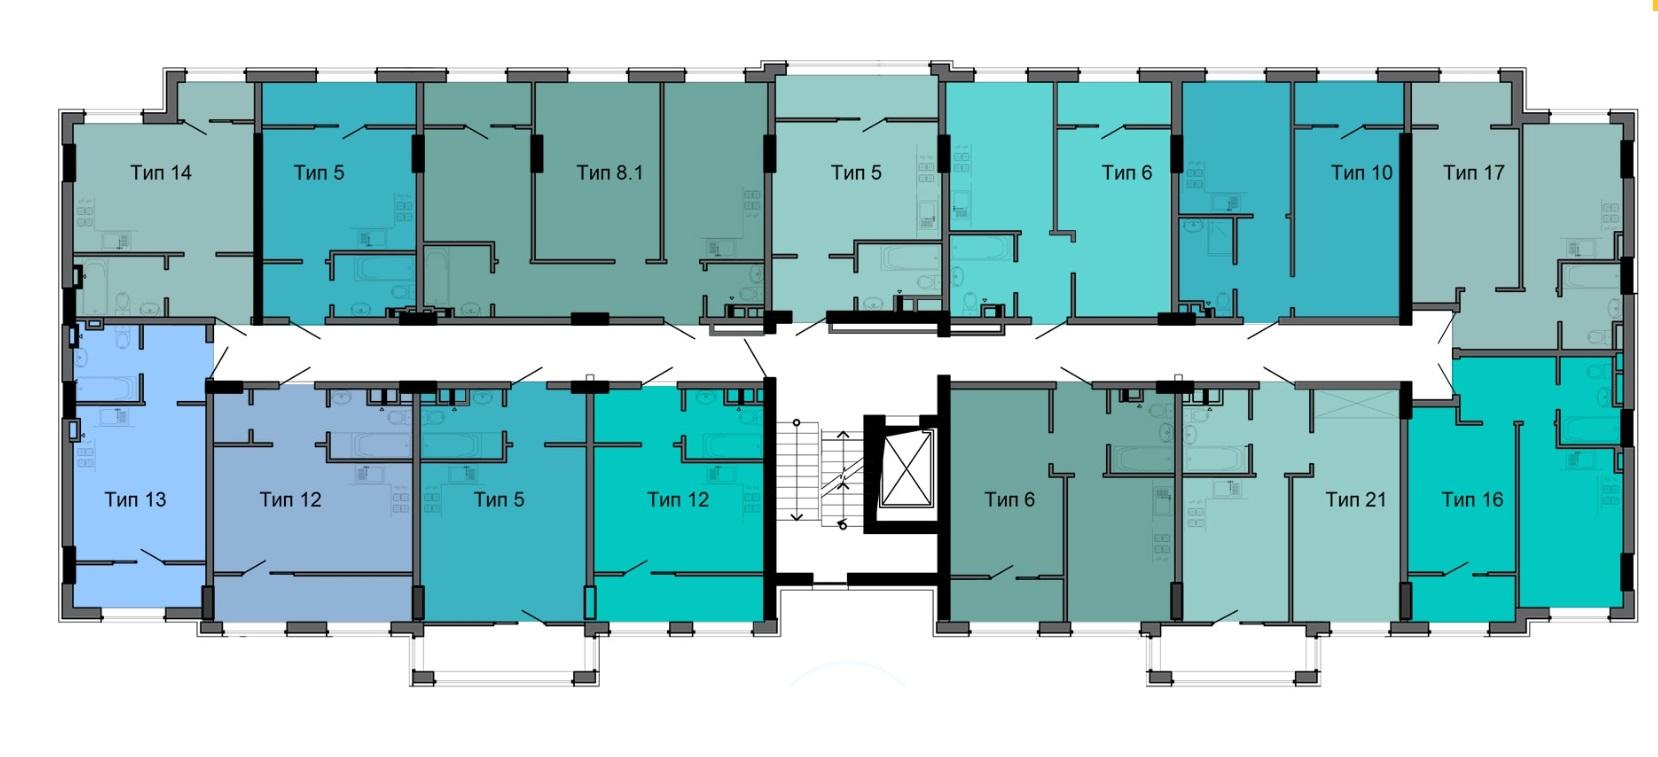 ЖК ЖК ArtVille (АртВилль) дом 15 типовая планировка